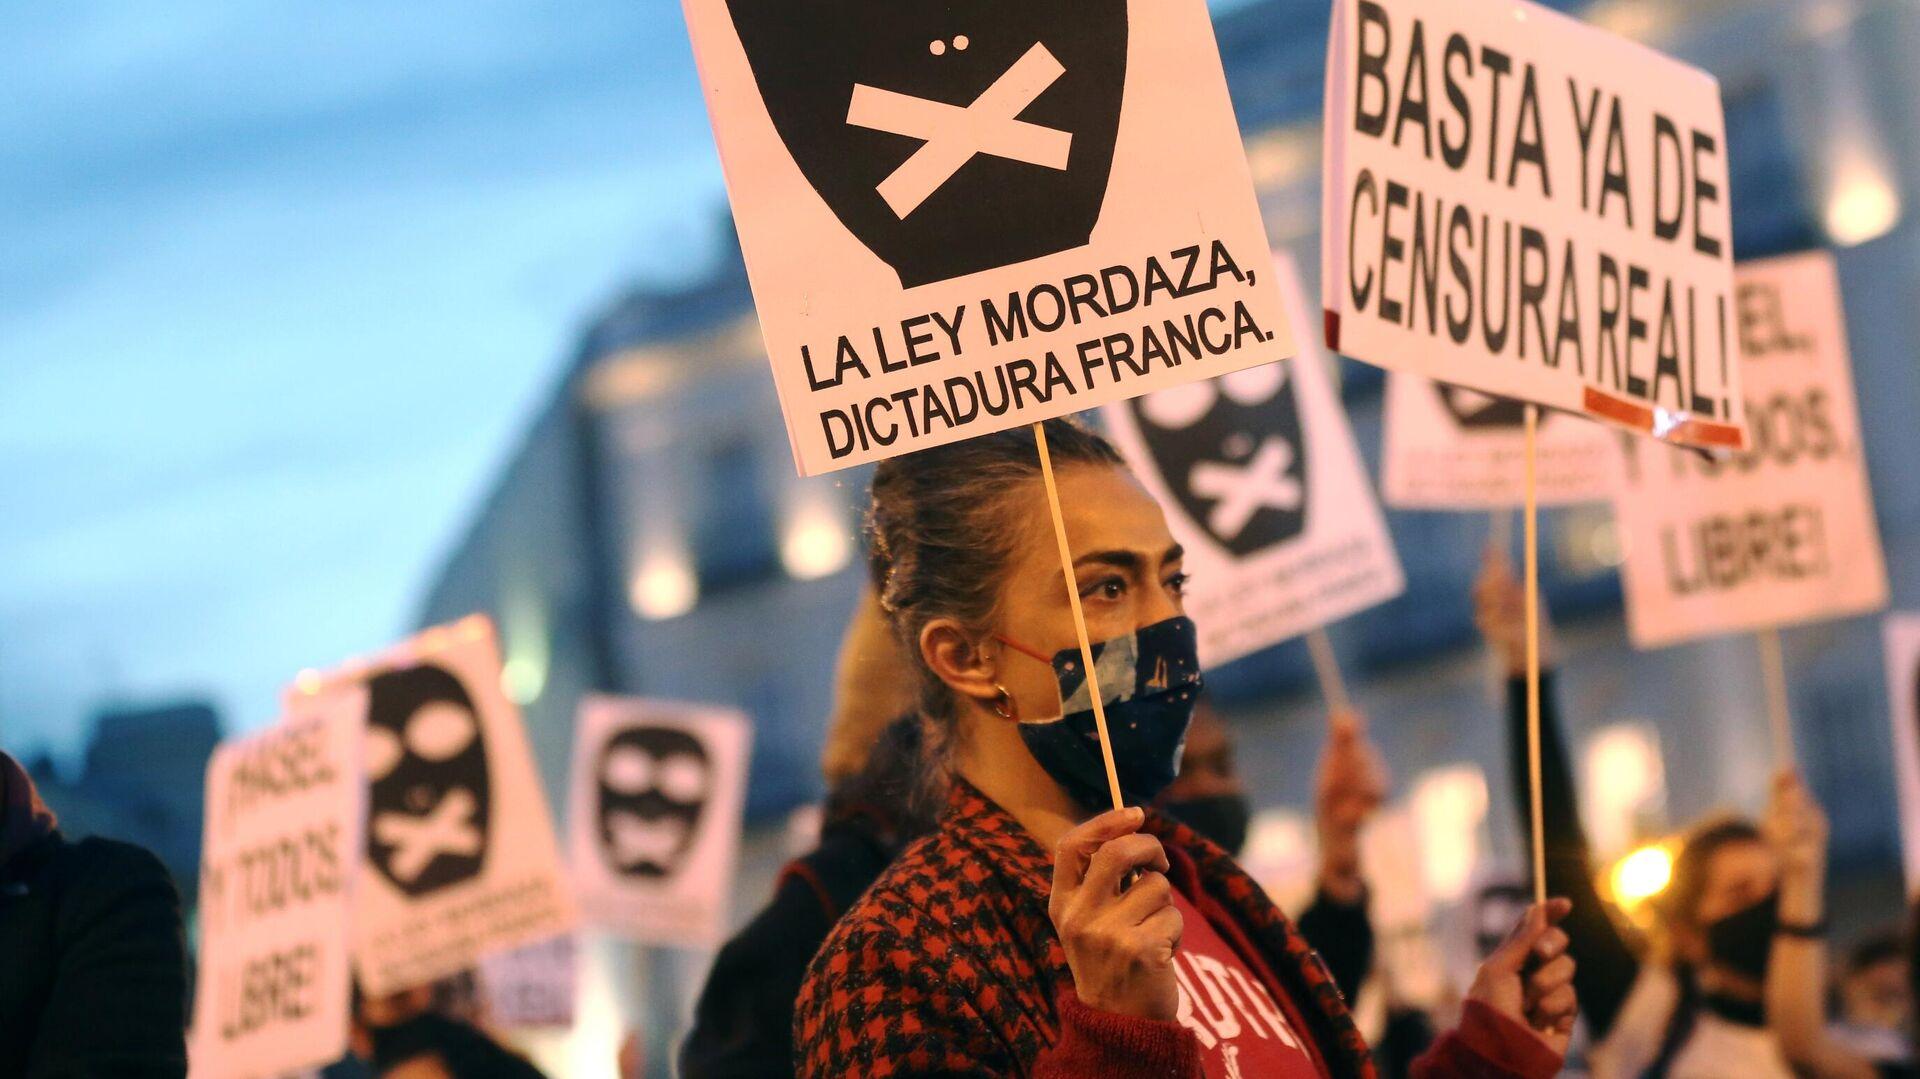 Участники акции протеста в поддержку рэпера Пабло Аселя, приговоренного к девяти месяцам заключения за оскорбление монархии и прославление леворадикального терроризма, на площади Пуэрта-дель-Соль в Мадриде - РИА Новости, 1920, 19.02.2021